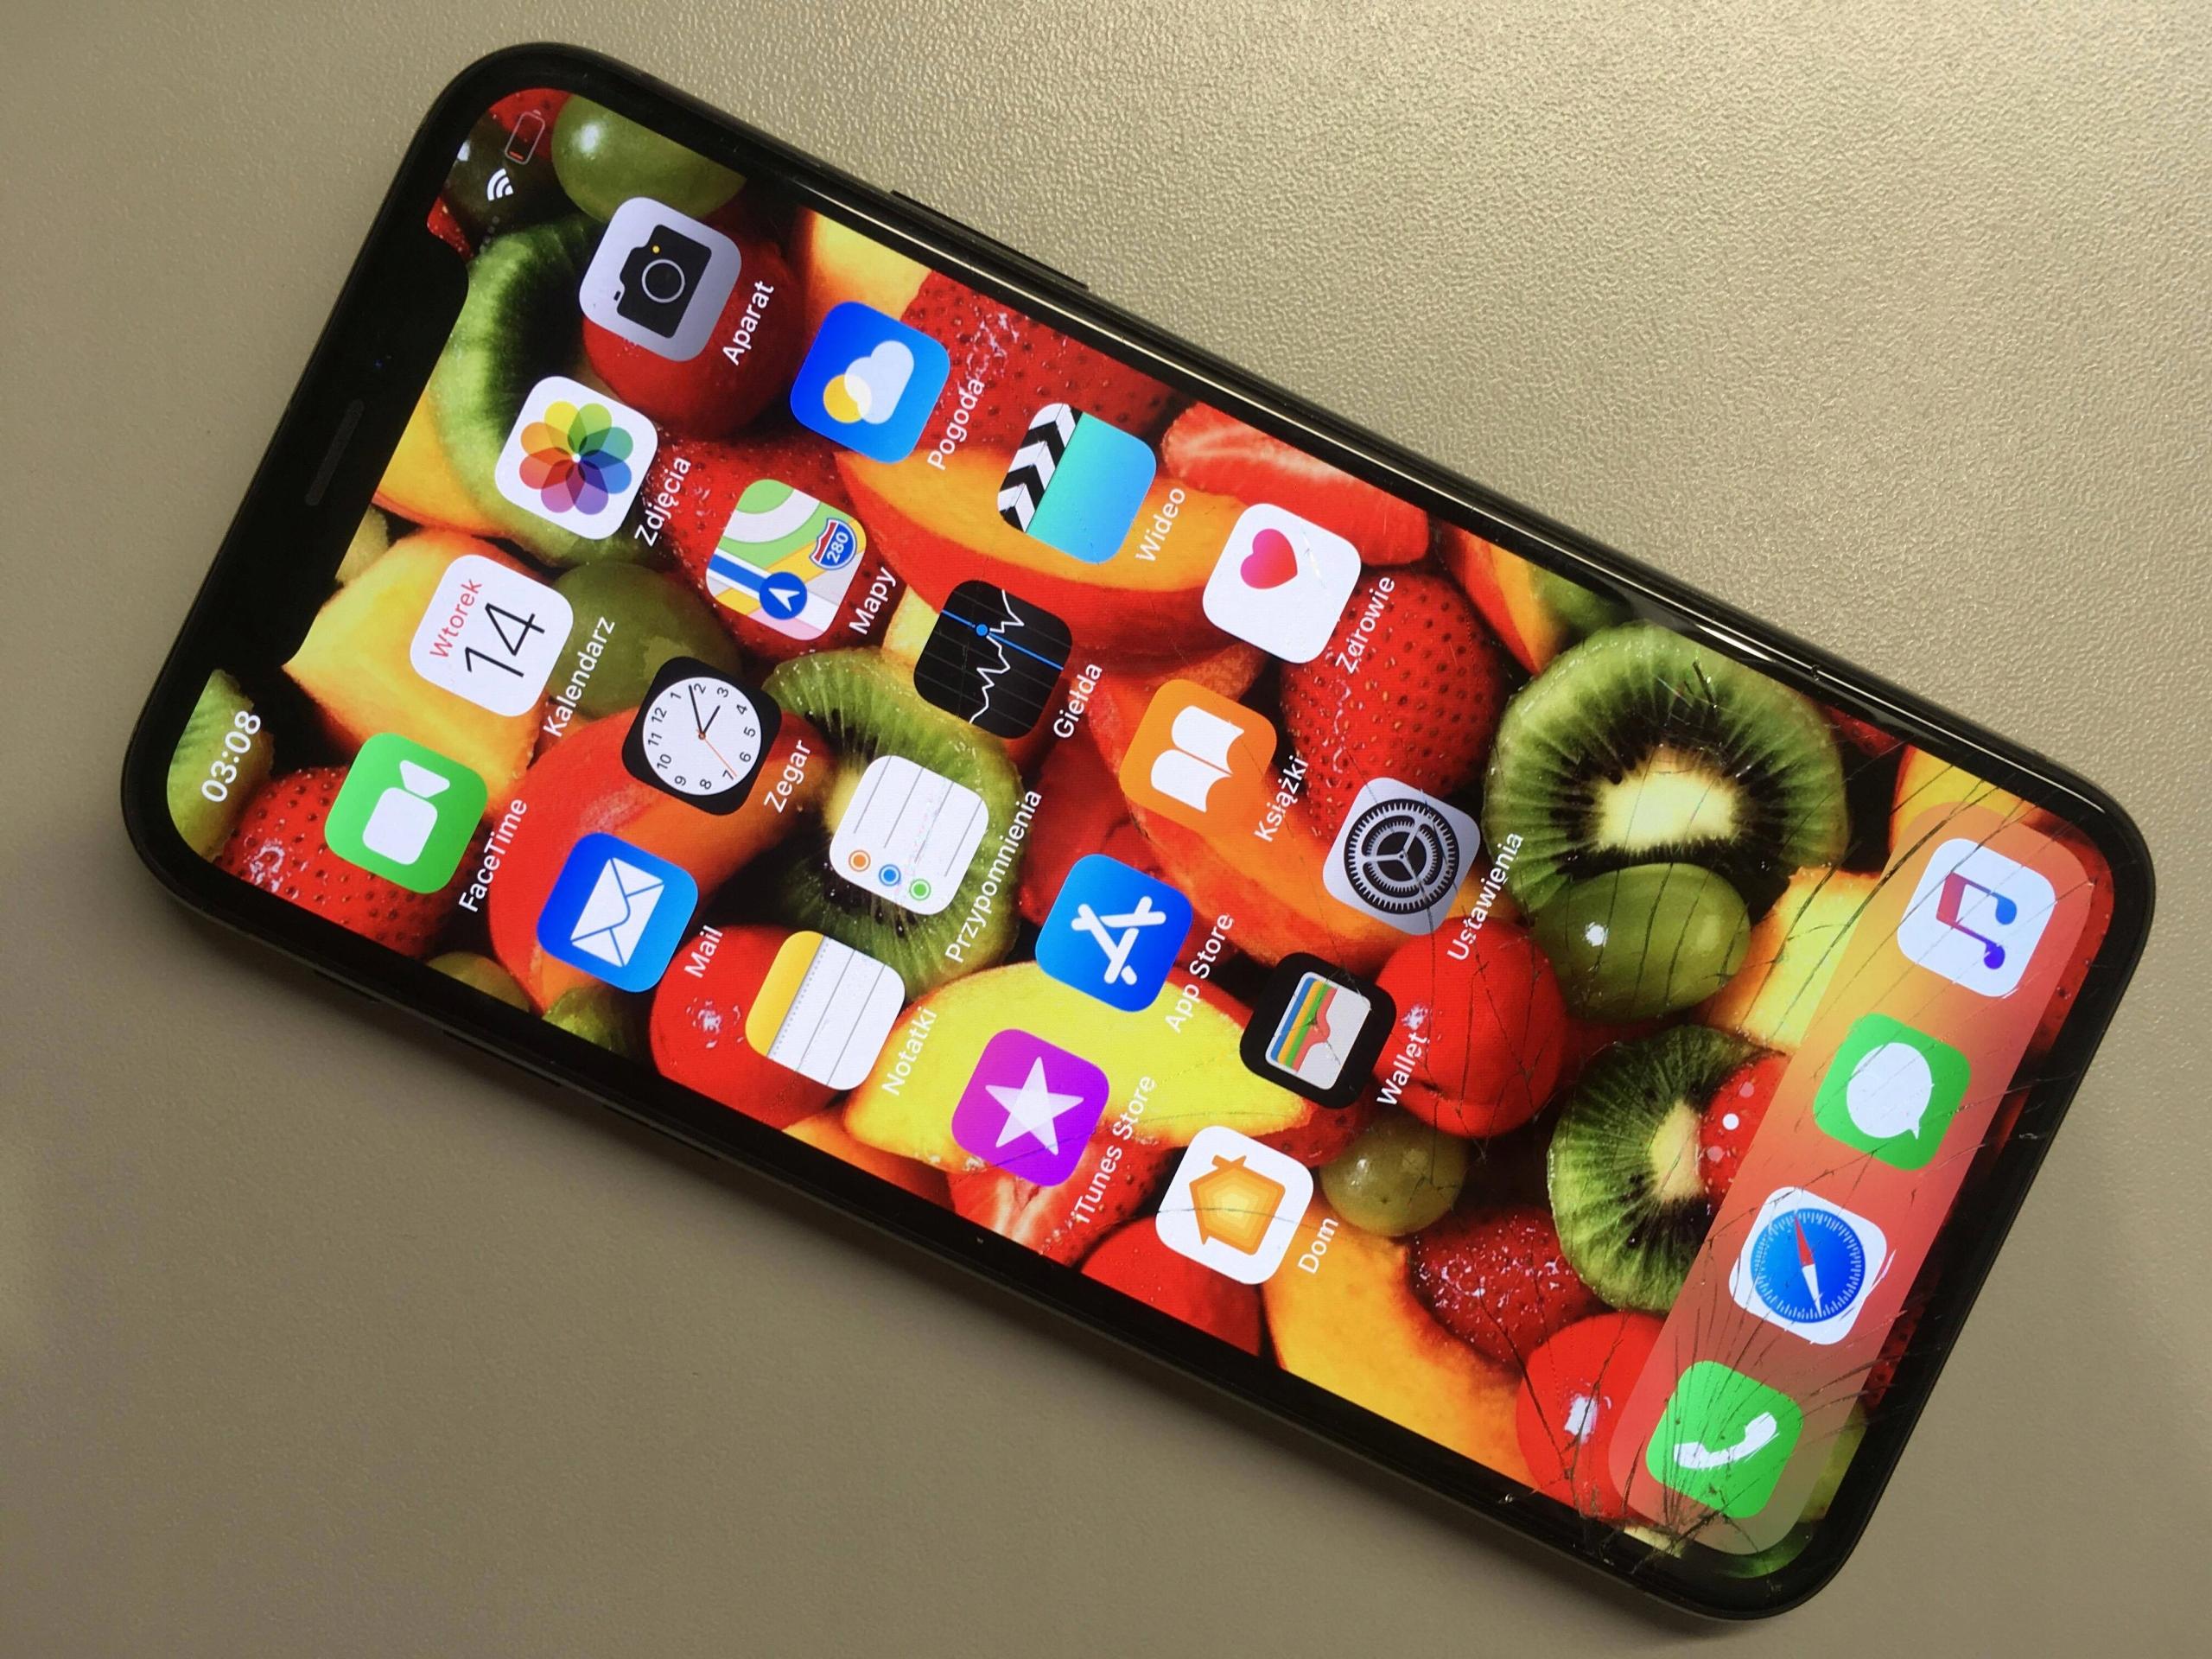    ORYG WYŚWIETLACZ APPLE iPhone X Zbity   